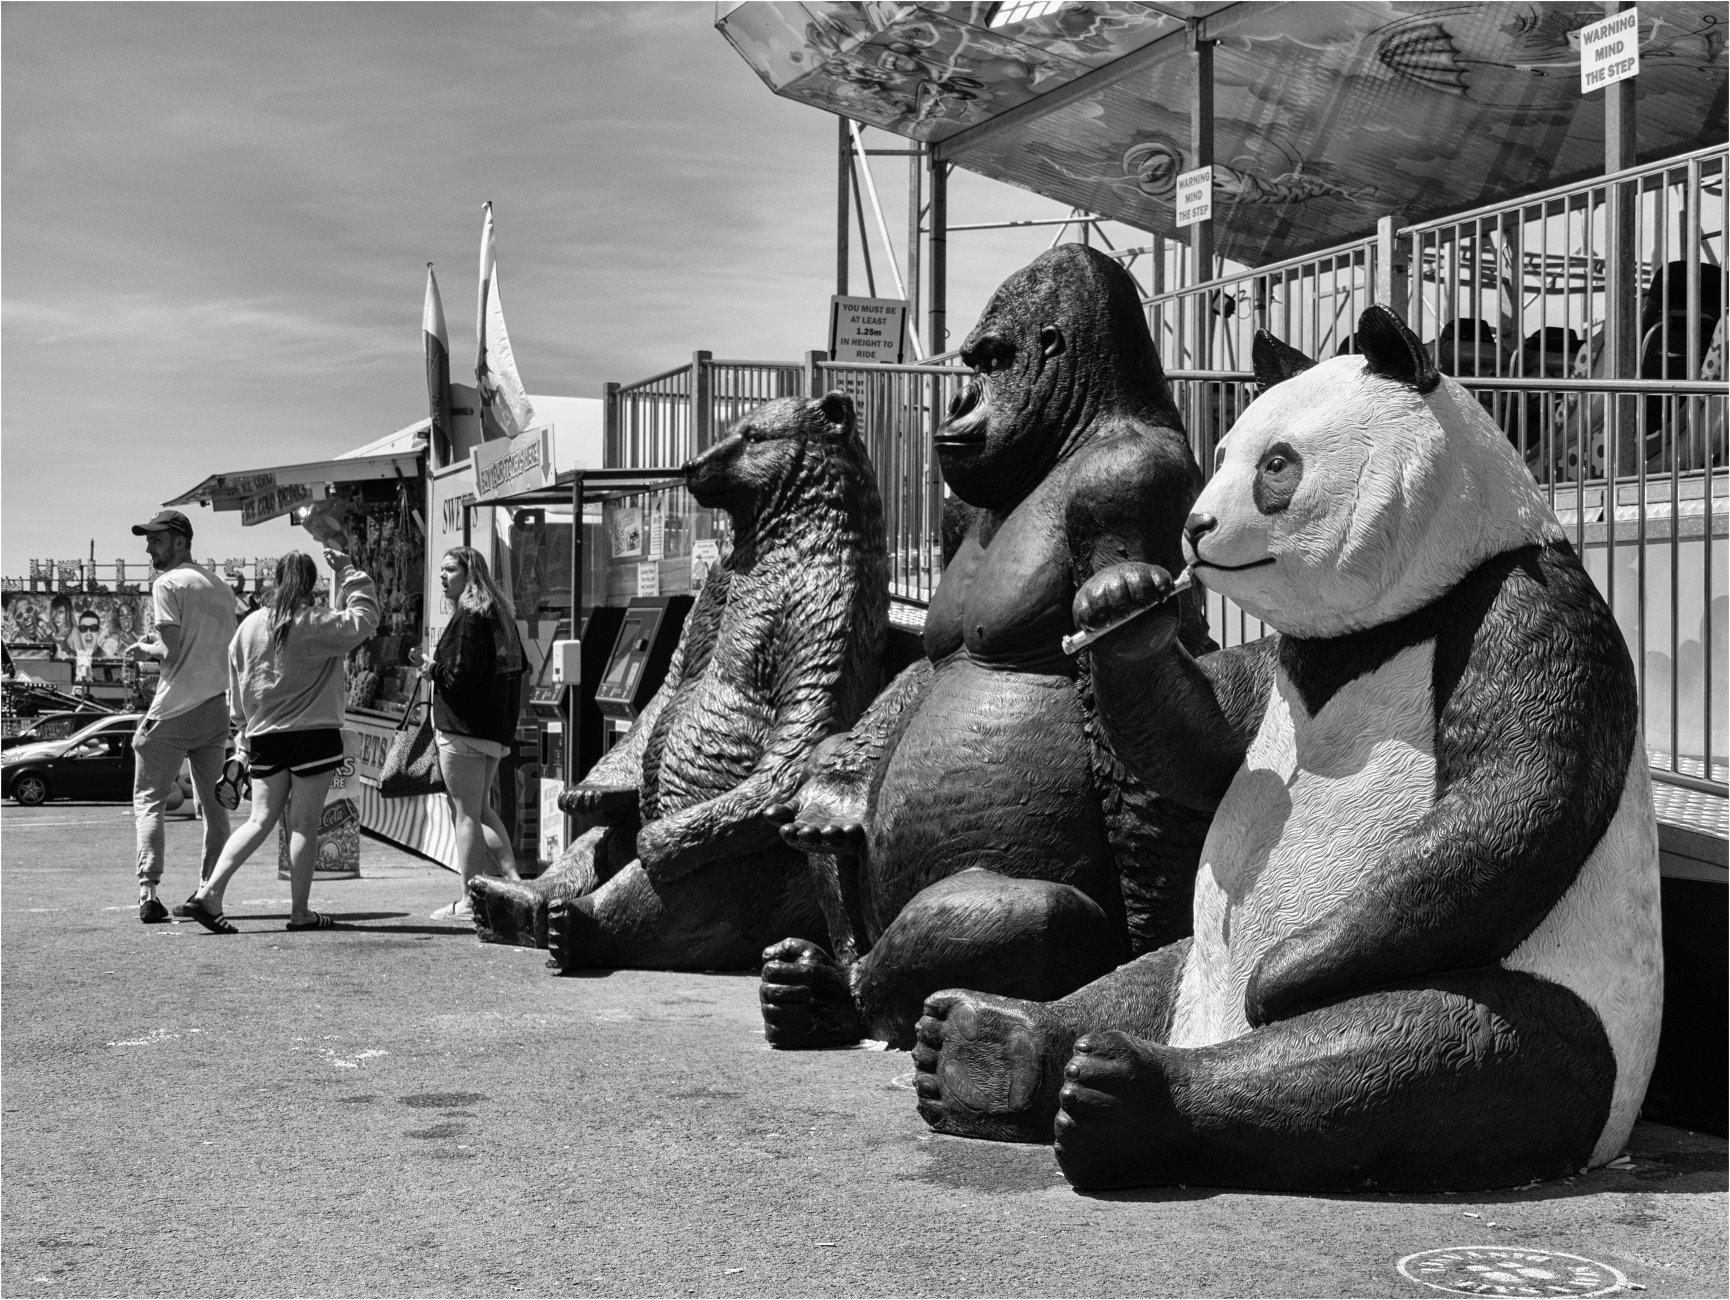 A queue at the amusement park.